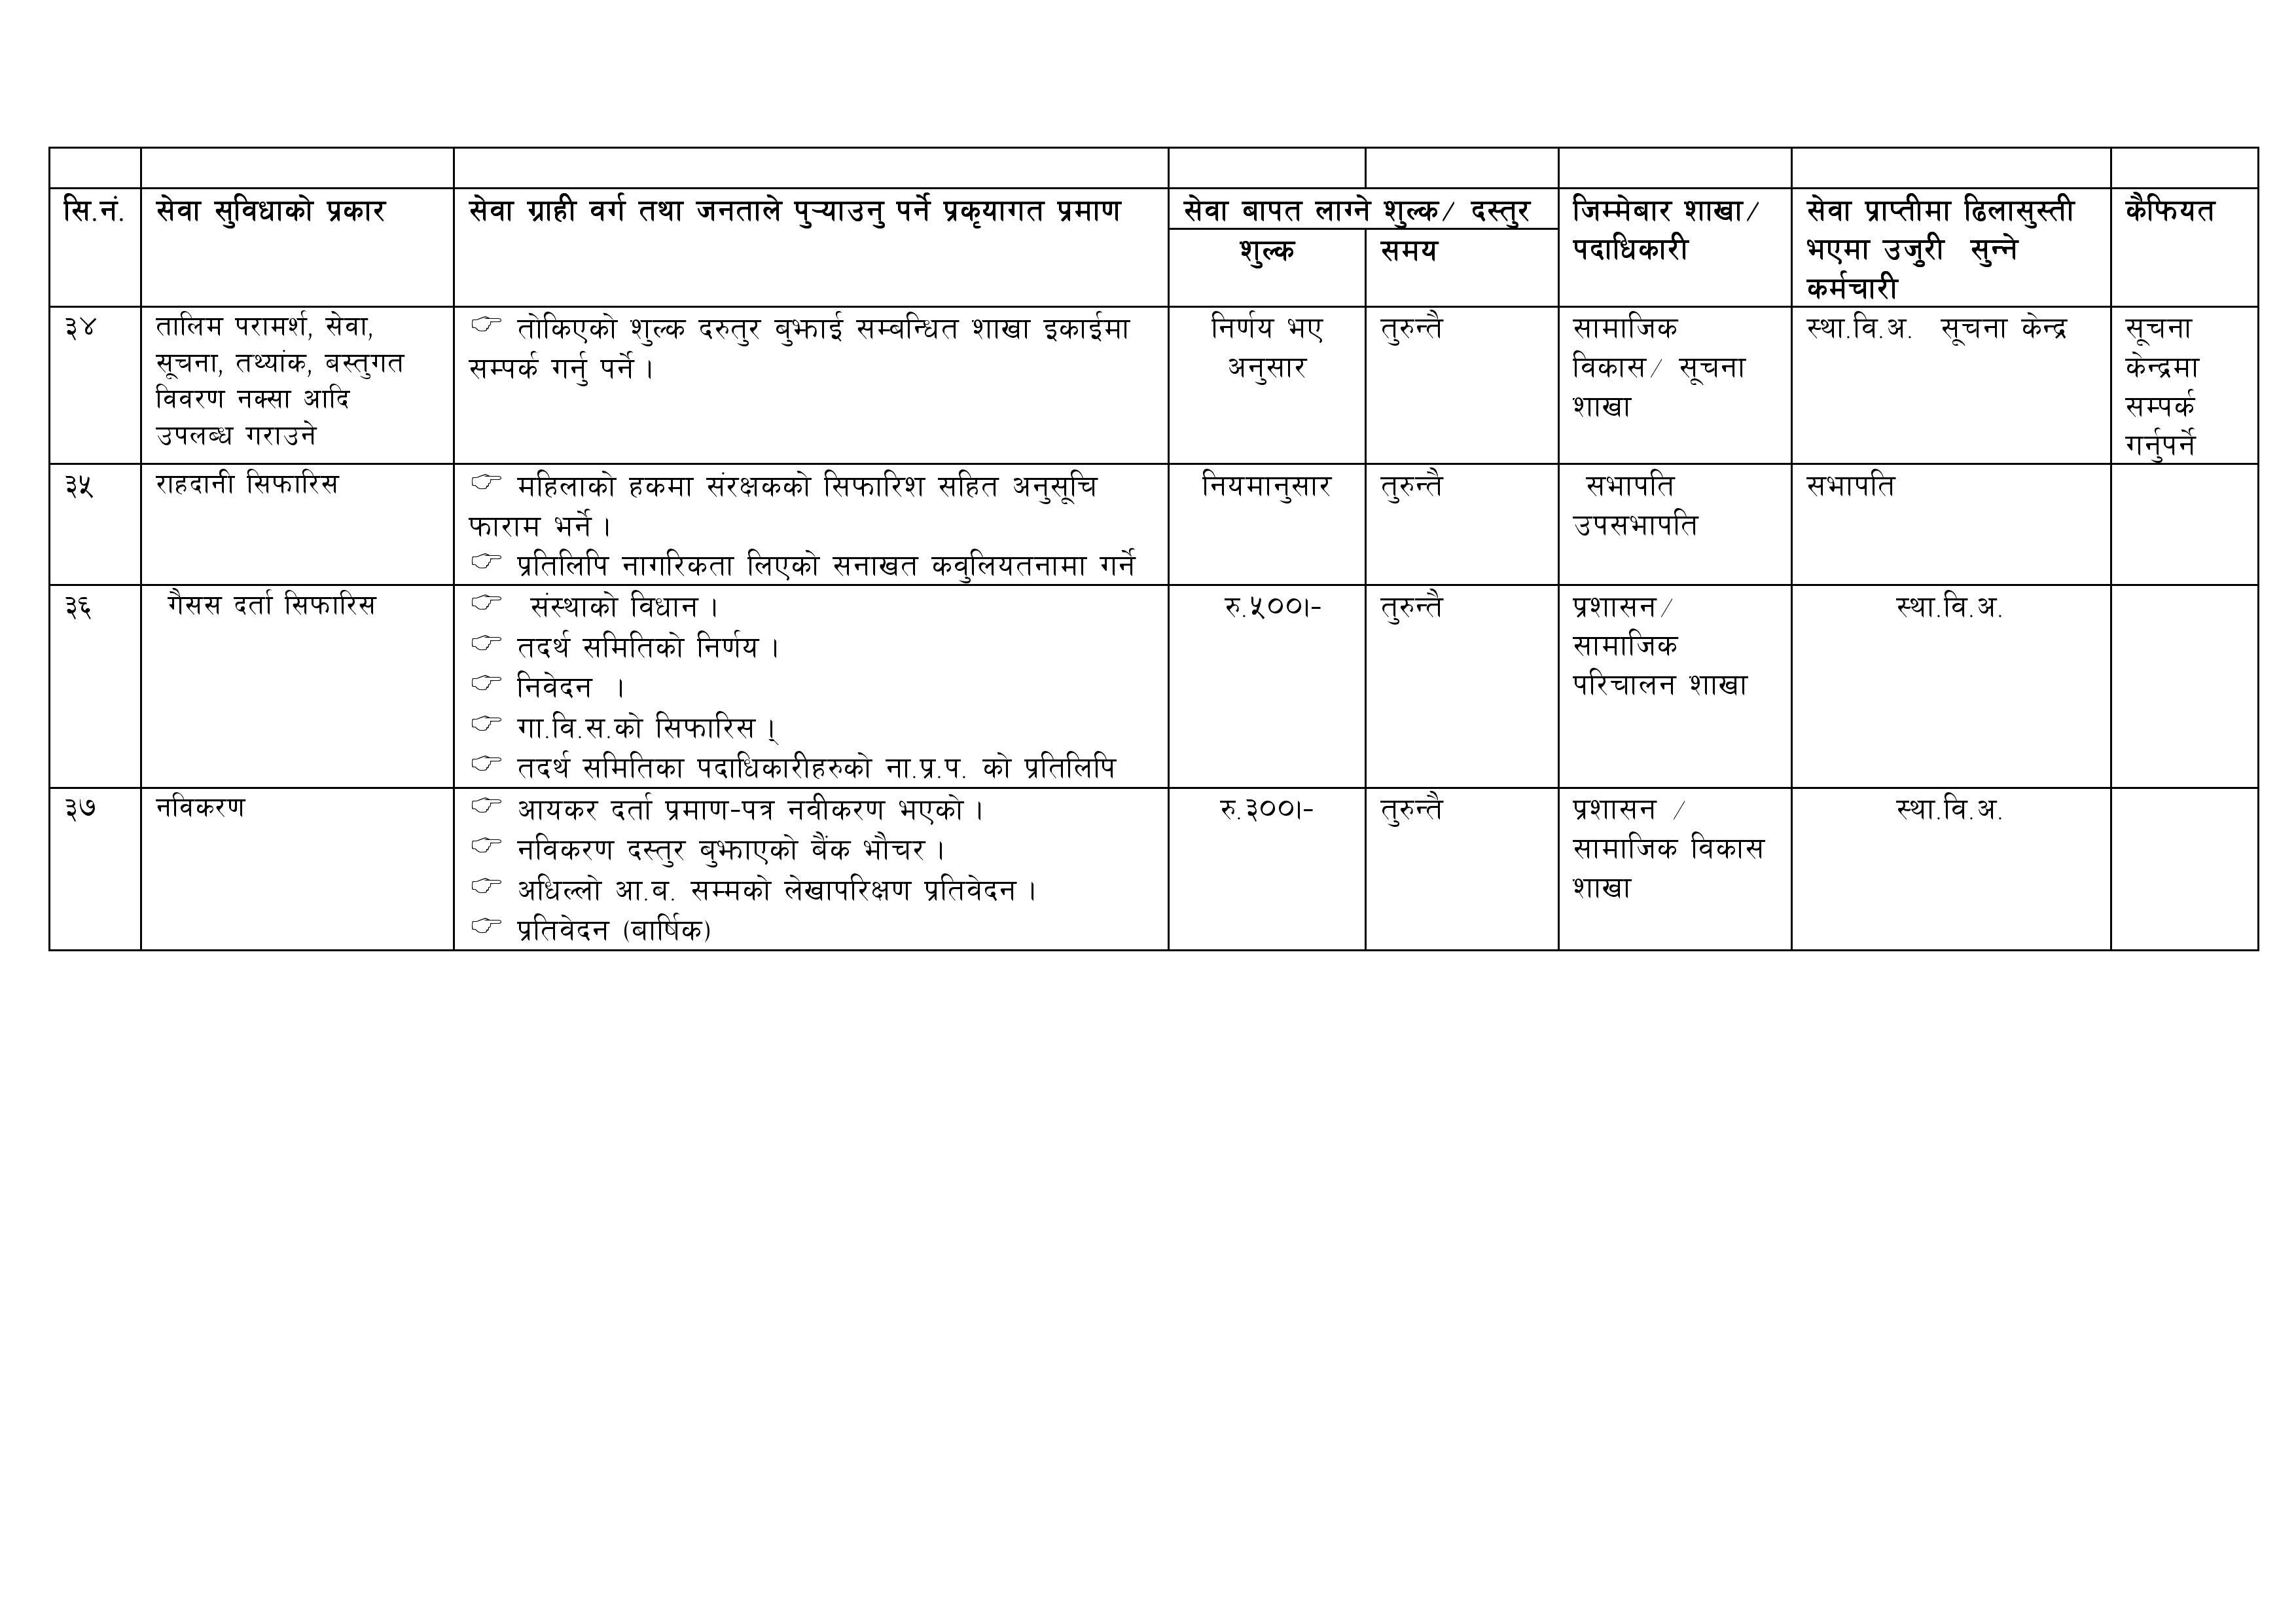 Nagarik bada patra DDC Manang-page-007